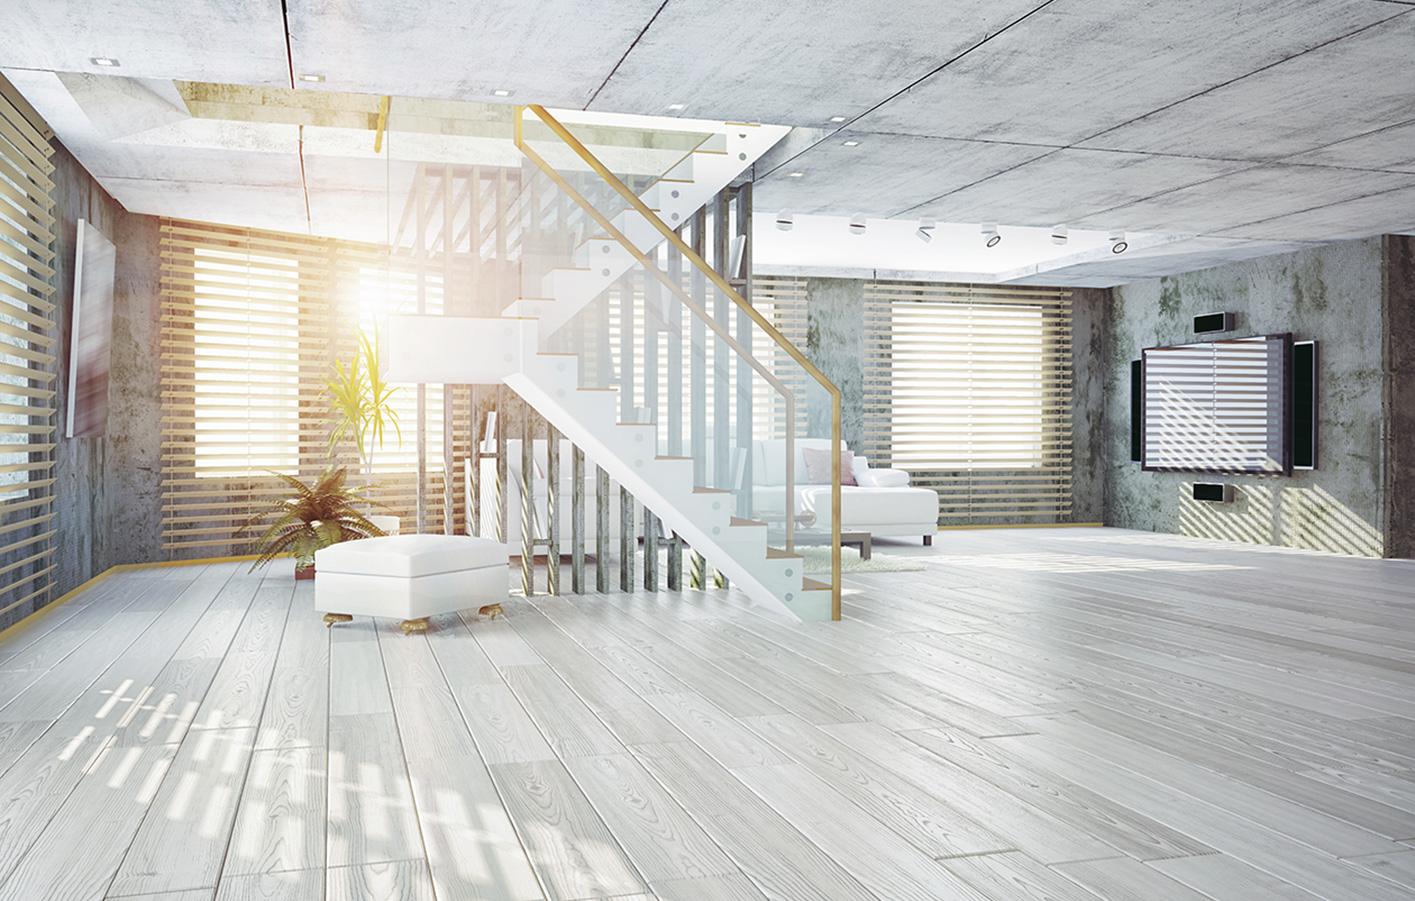 Parkettboden hellgrau  Parkettboden Hellgrau: Wohnzimmer grau freshouse. Laminat eiche ...